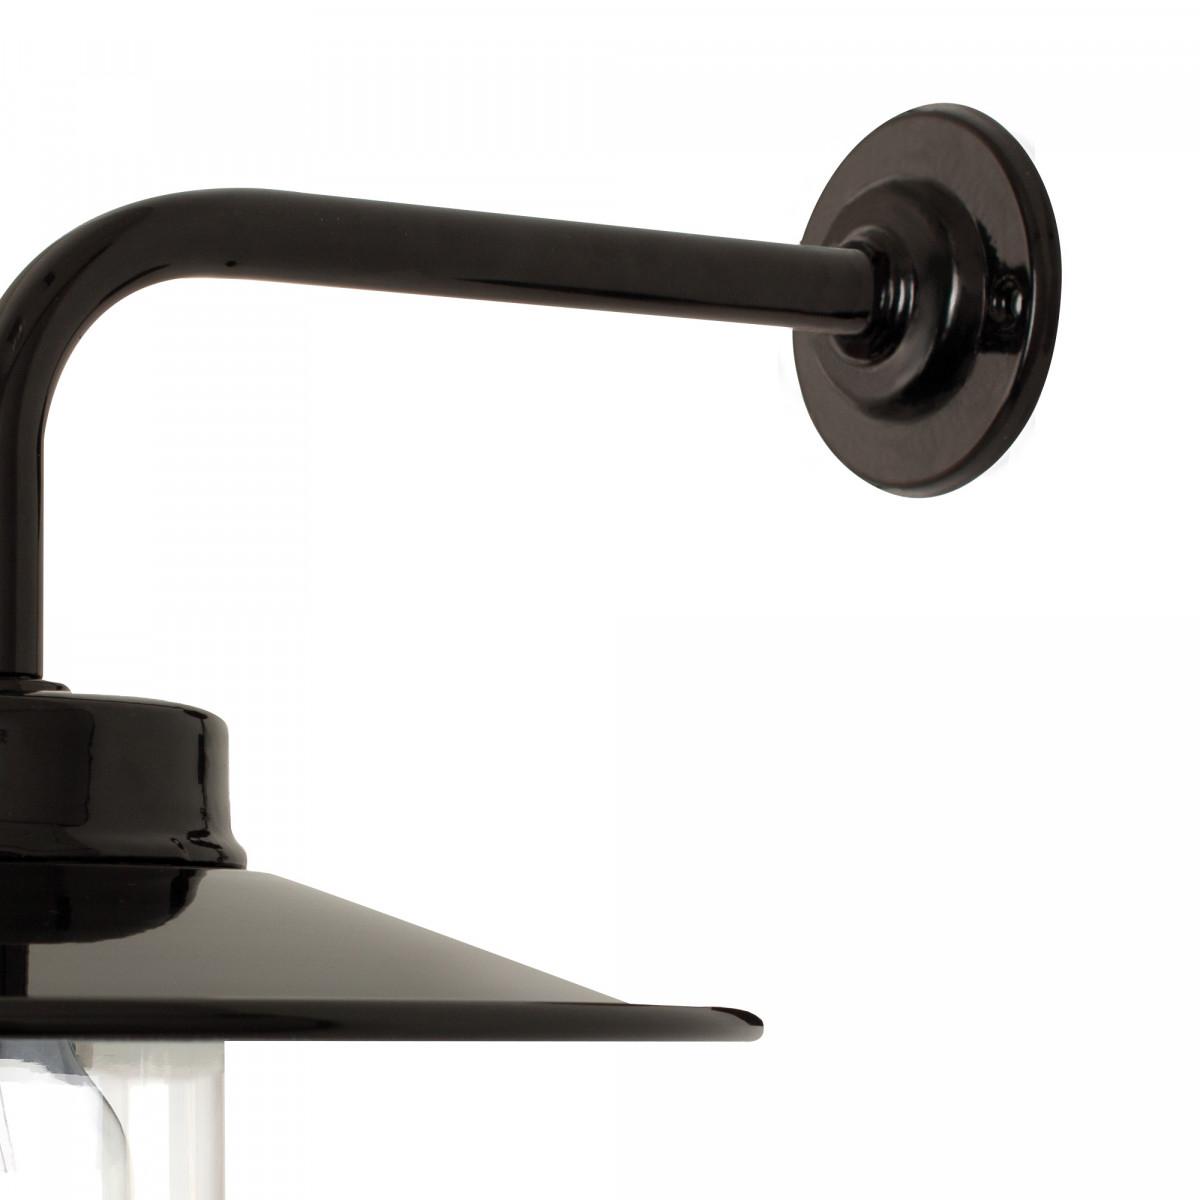 Retro Außenbeleuchtung - KS Wandleuchte Vita - schöne leuchten - günstige Angebote - Nostalux